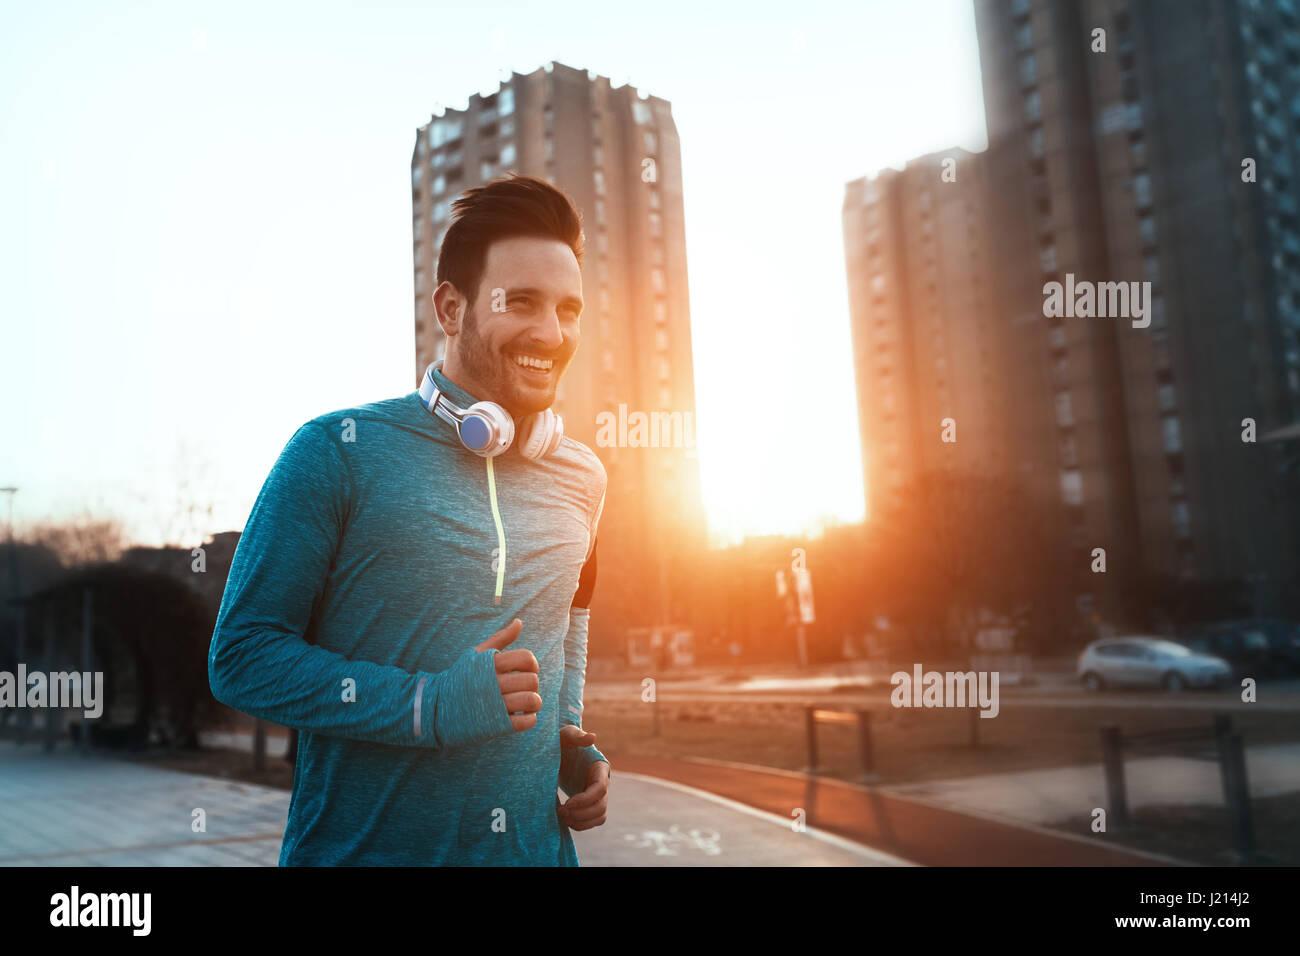 Bello runner esercizio eseguendo e jogging in città Immagini Stock